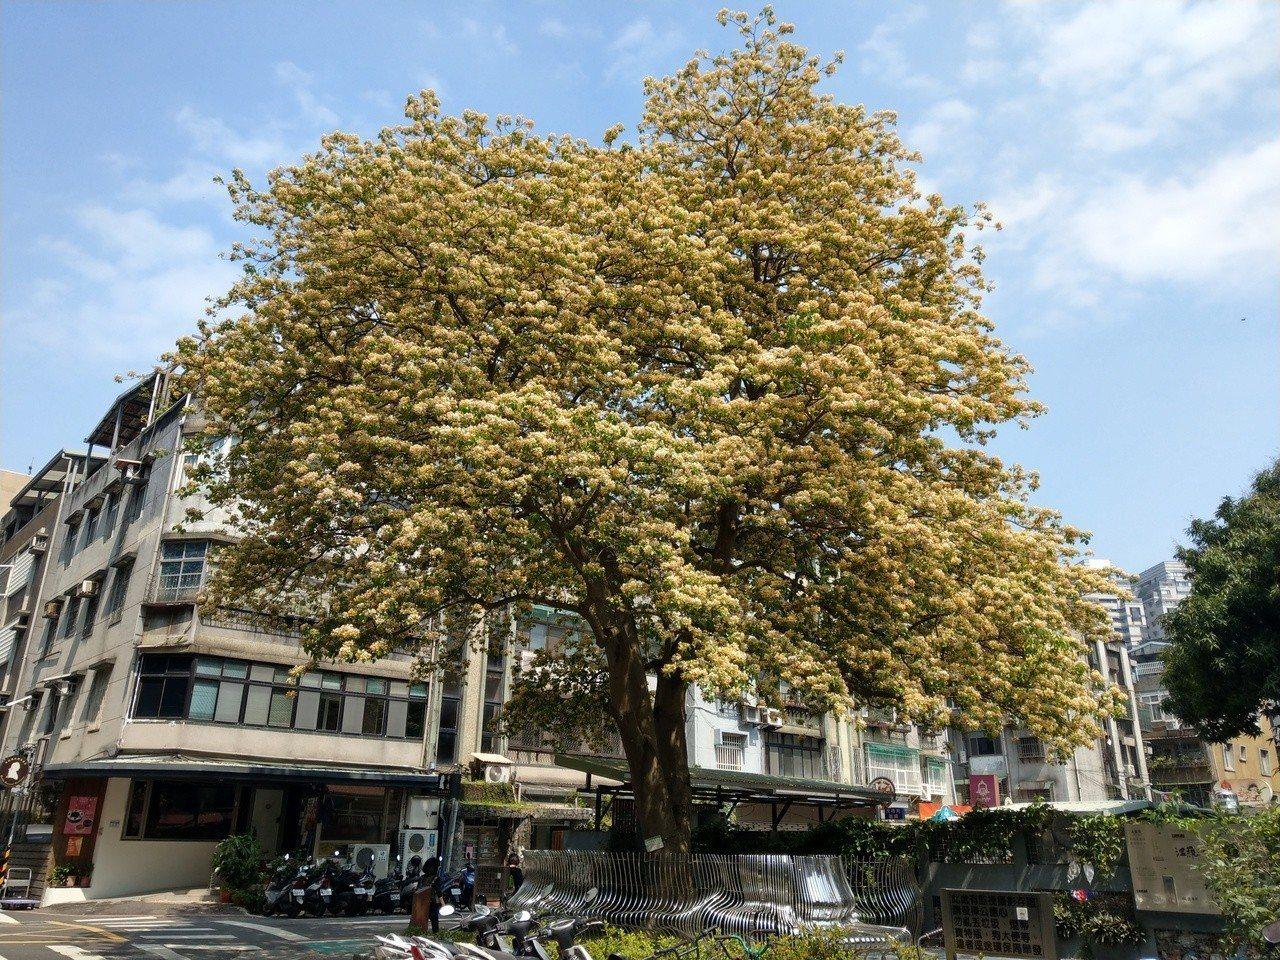 台電加羅林魚木,4月18日最新花況。圖/網友Cathy授權提供